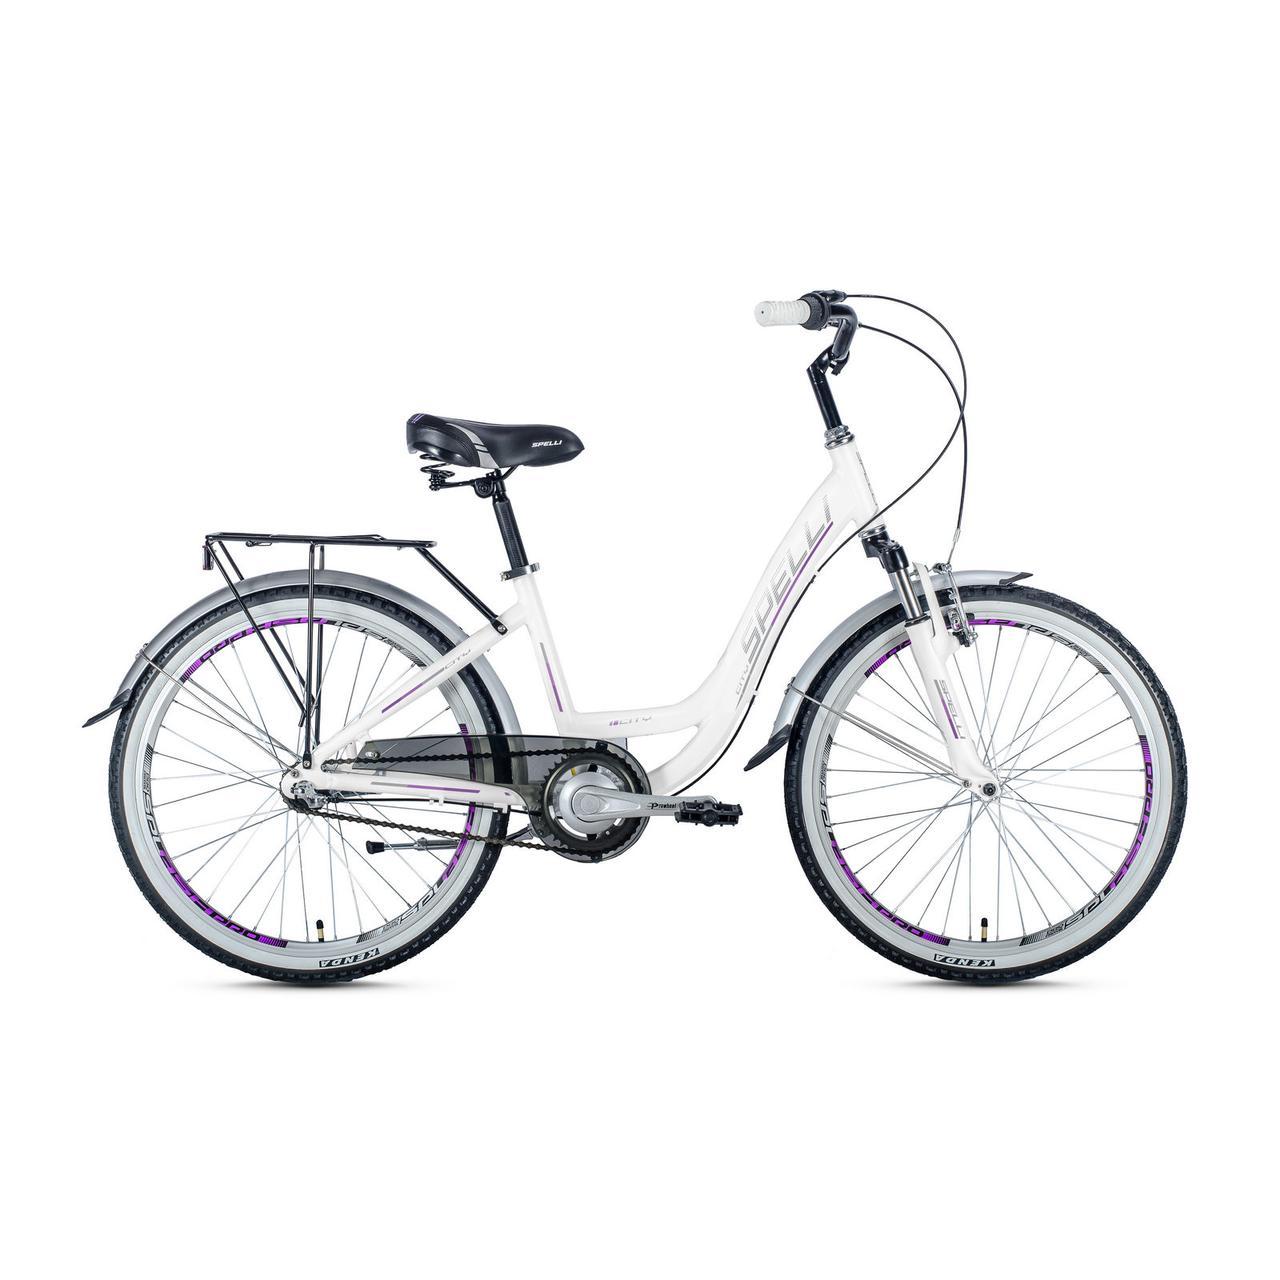 Велосипед 24 Spelli City Nexus 3 spd.